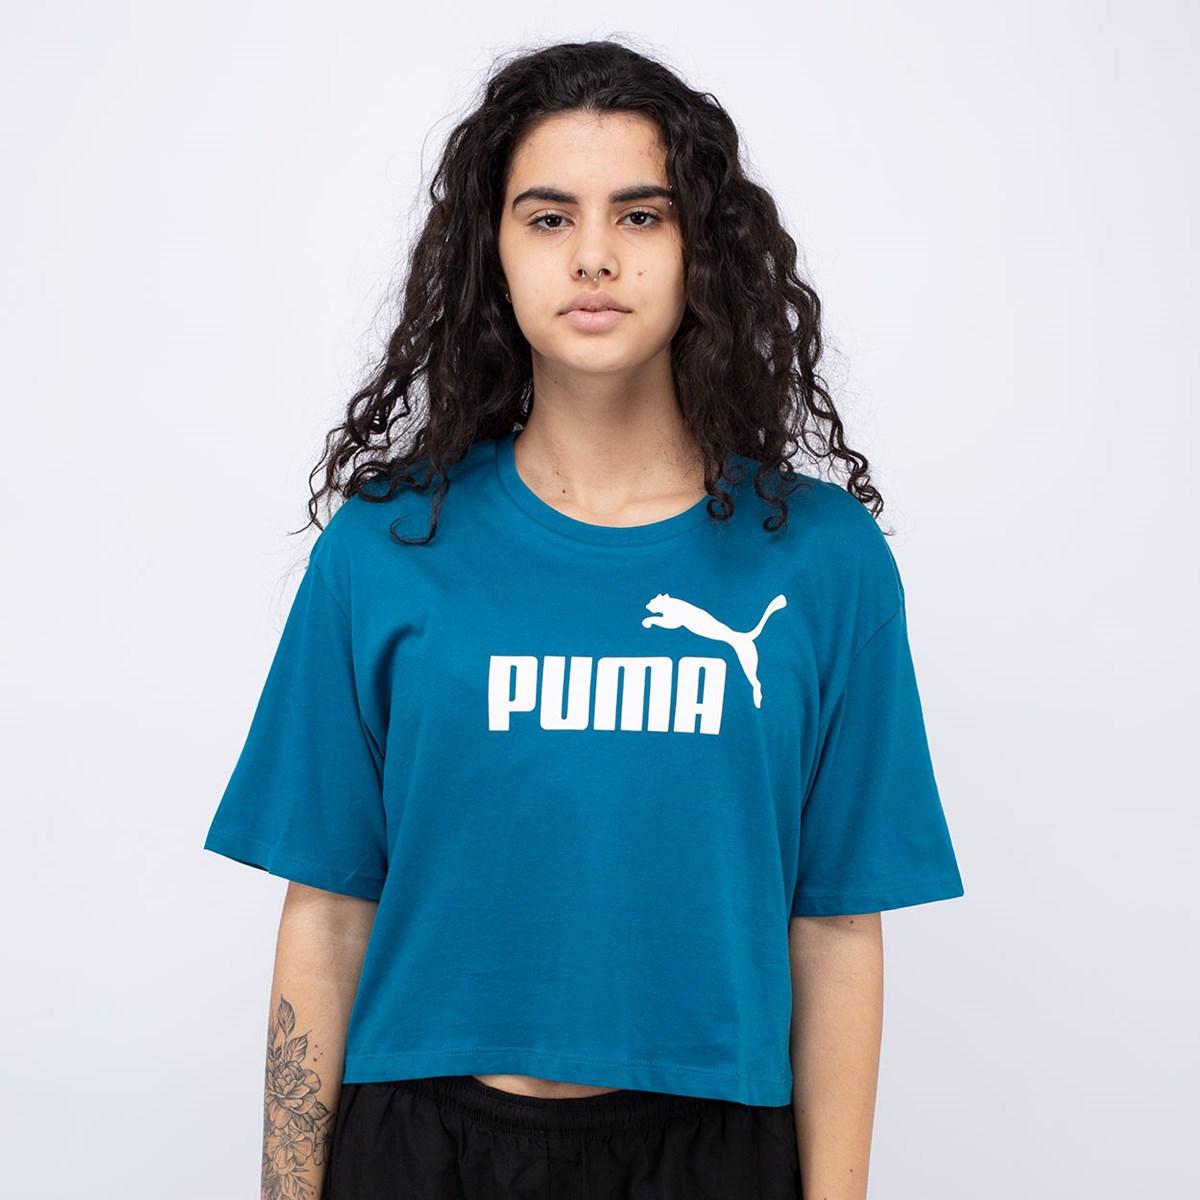 Camiseta Puma Cropped Essentials+ Digitalblue 852594-36